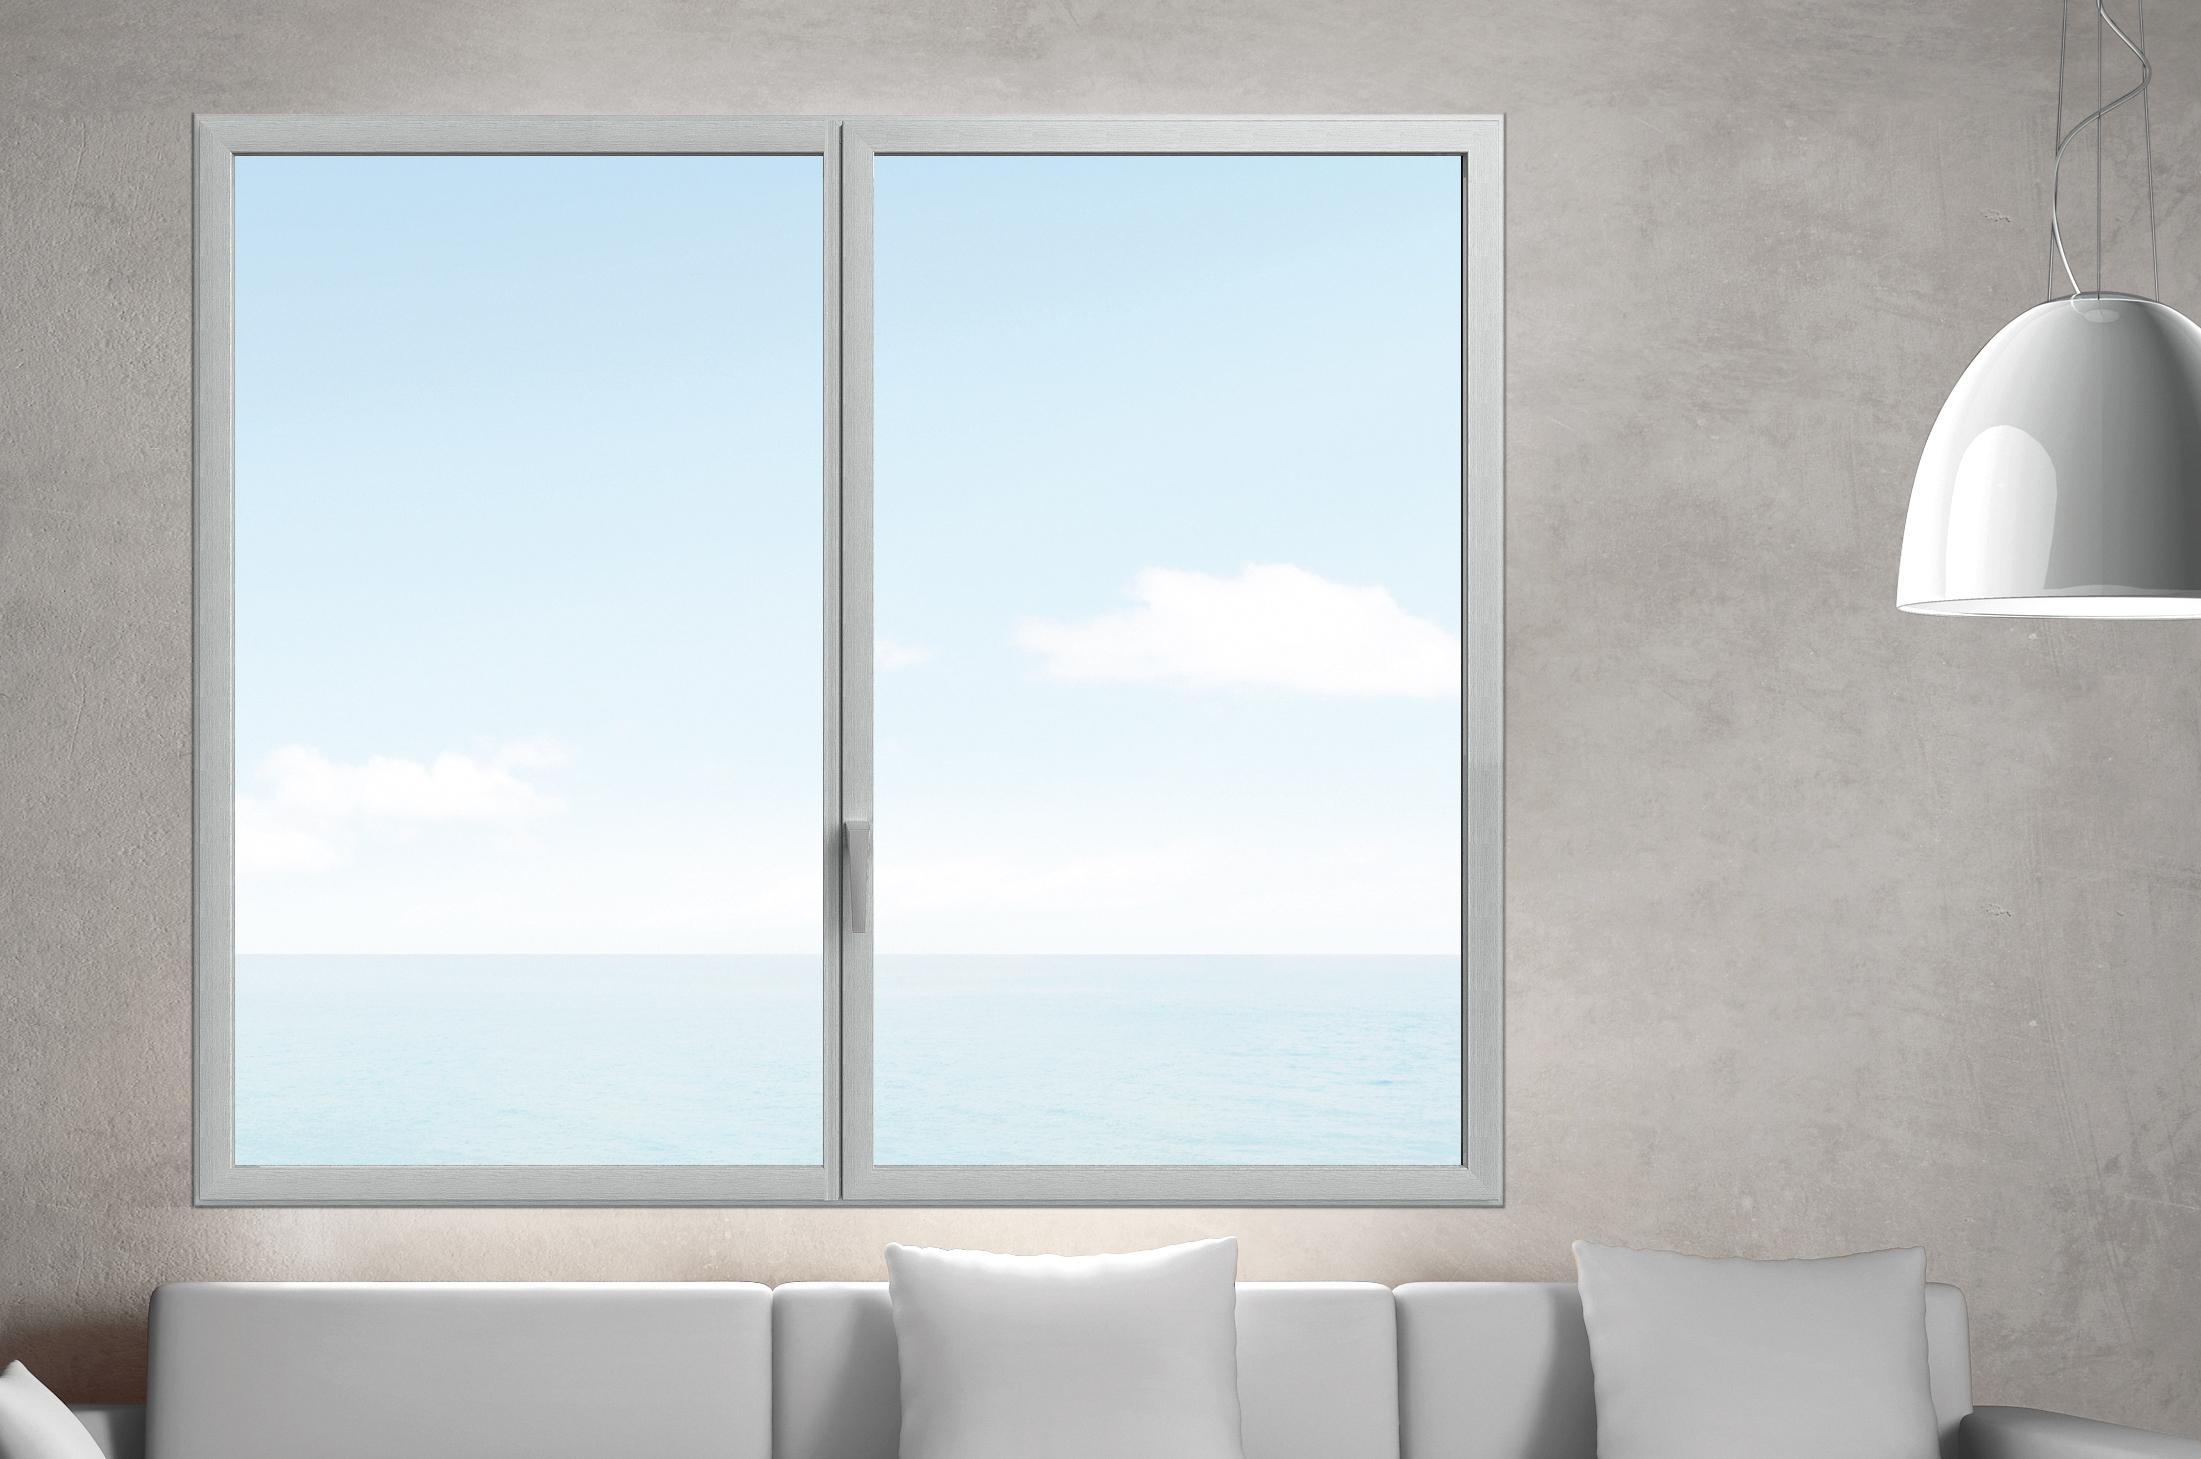 Es finestra presenta ester design diffusion - Aprire una nuova finestra ...